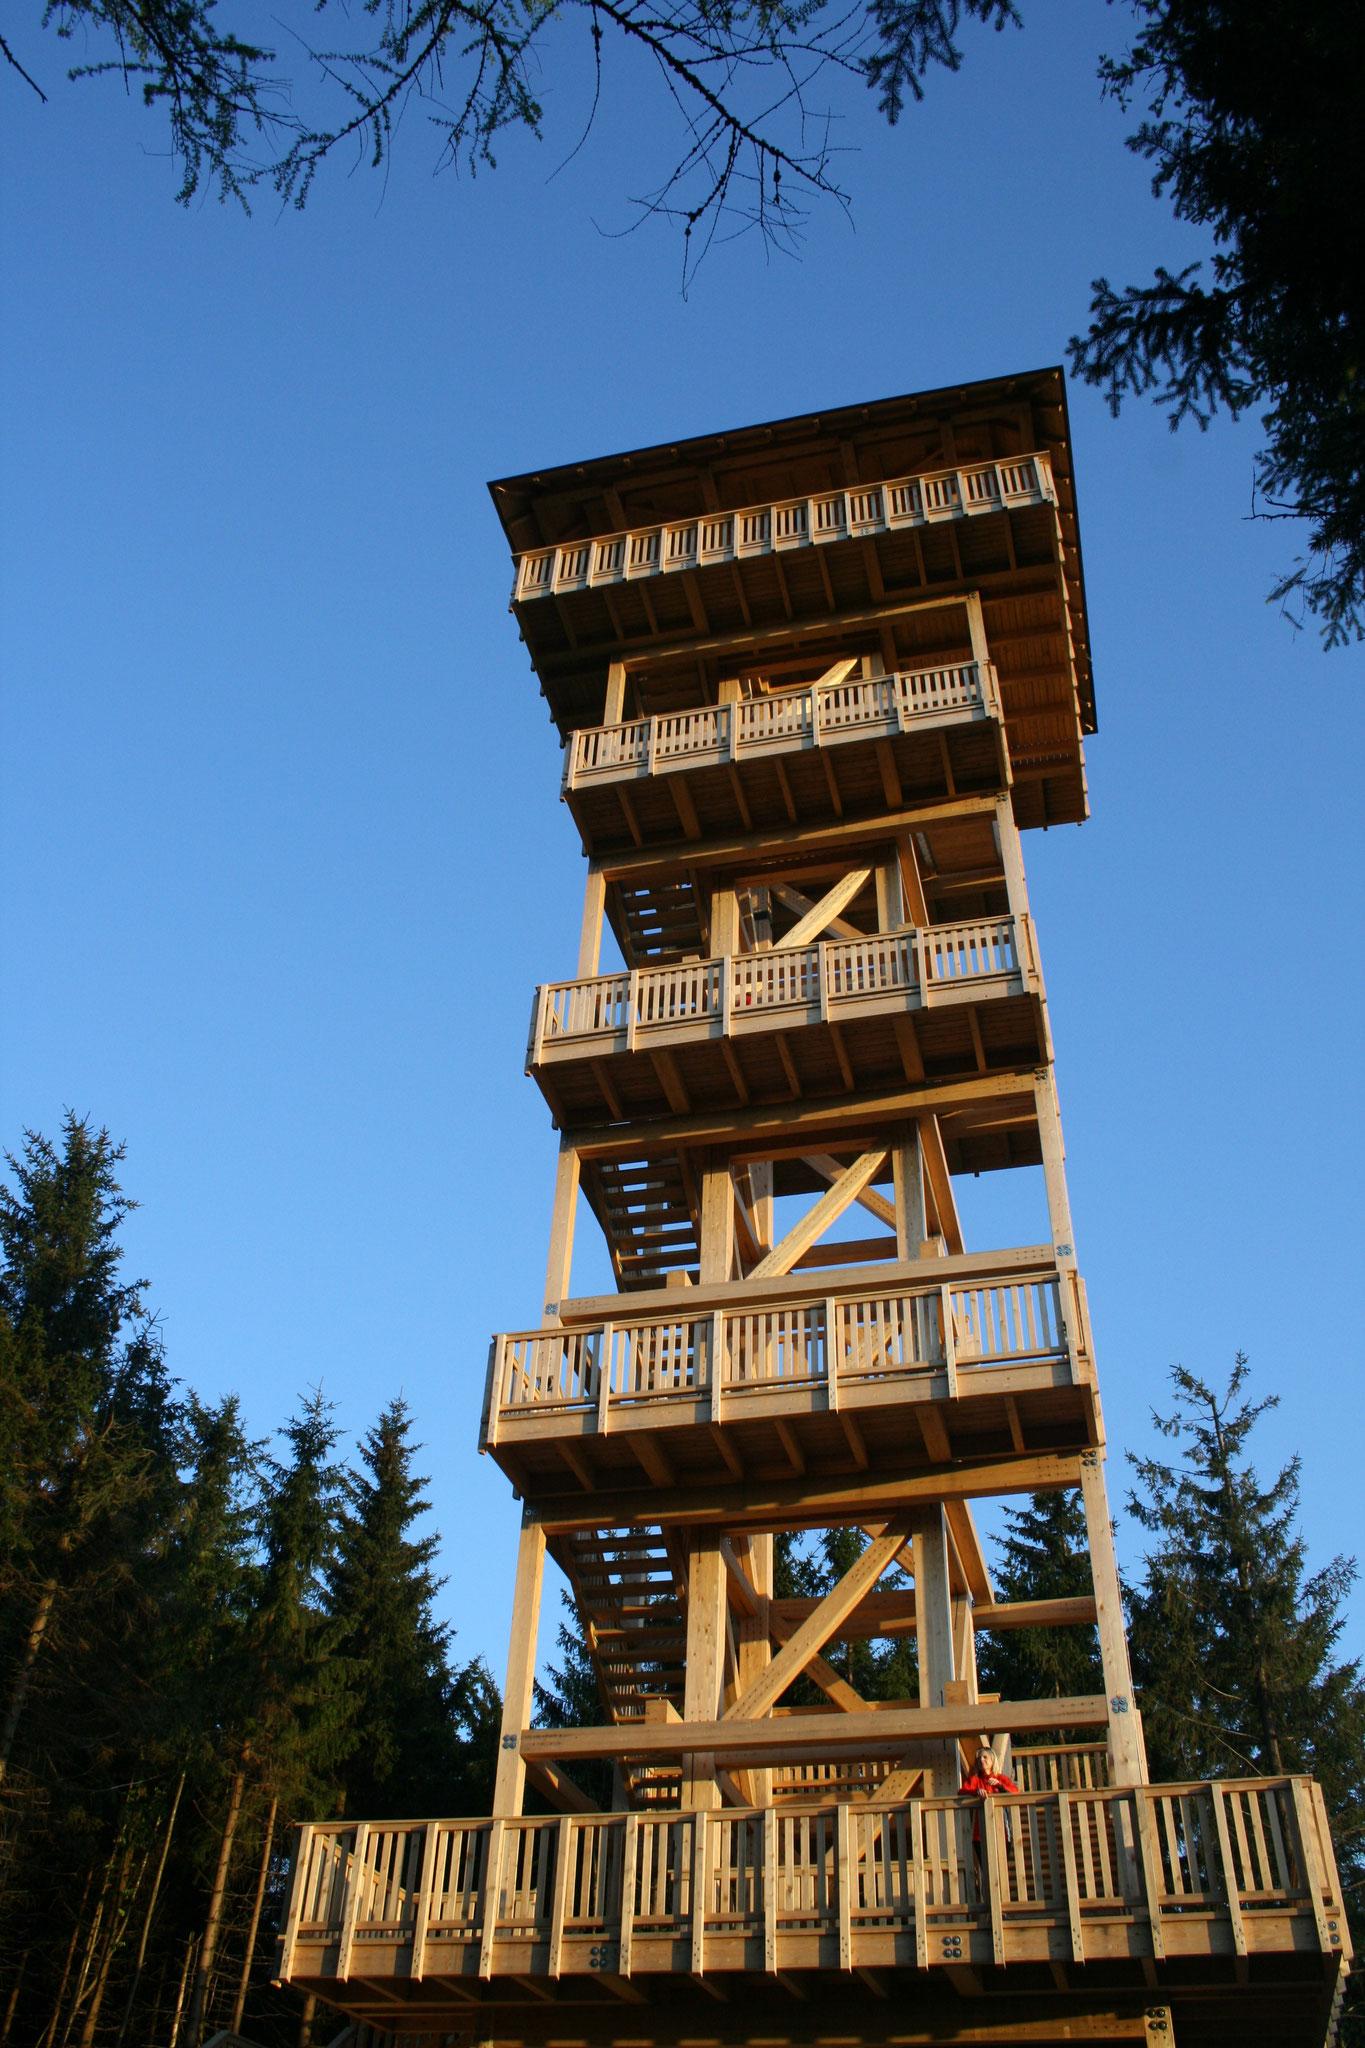 Alpenblick - Aussichtsturm mit Weitblick bis zu den Alpen, @TVBöhmerwald